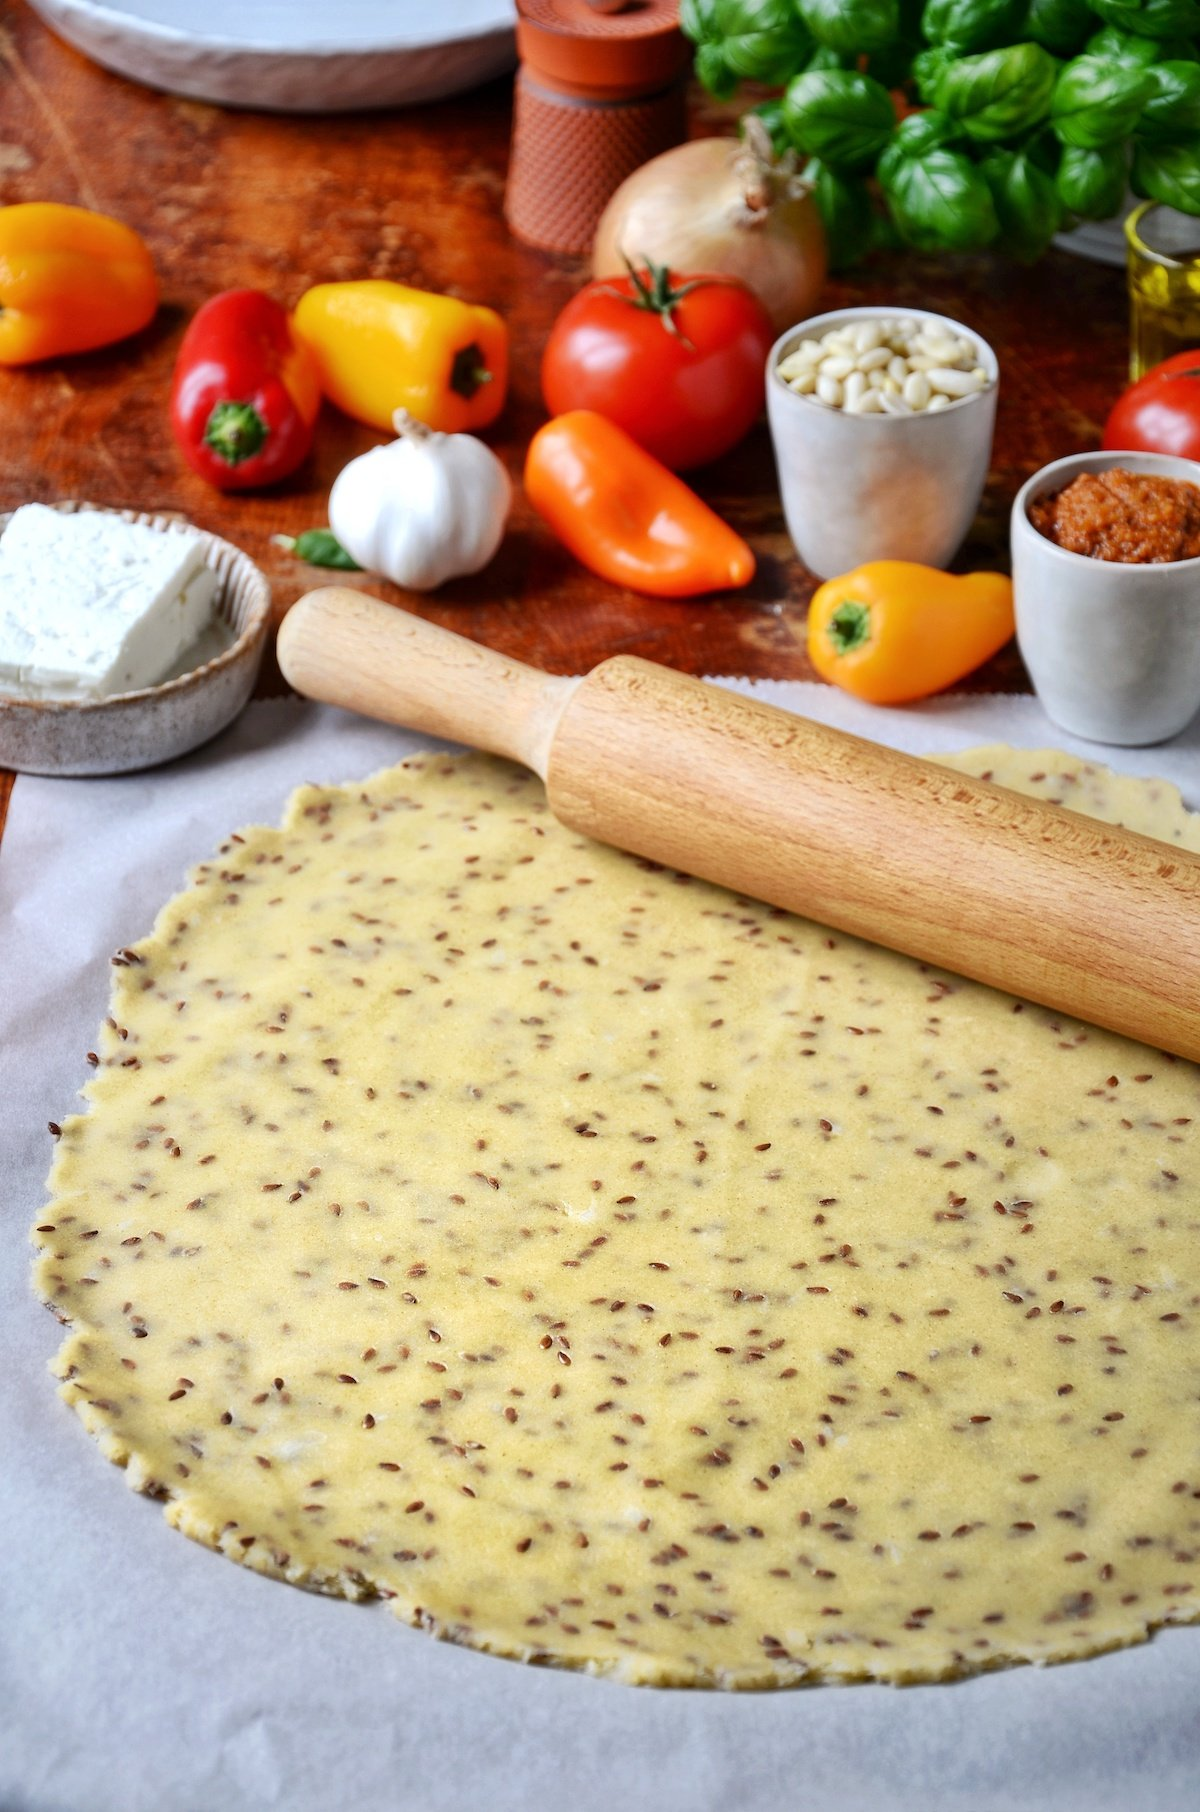 recette facile pate tarte rustique graine de lin - clem around the corner